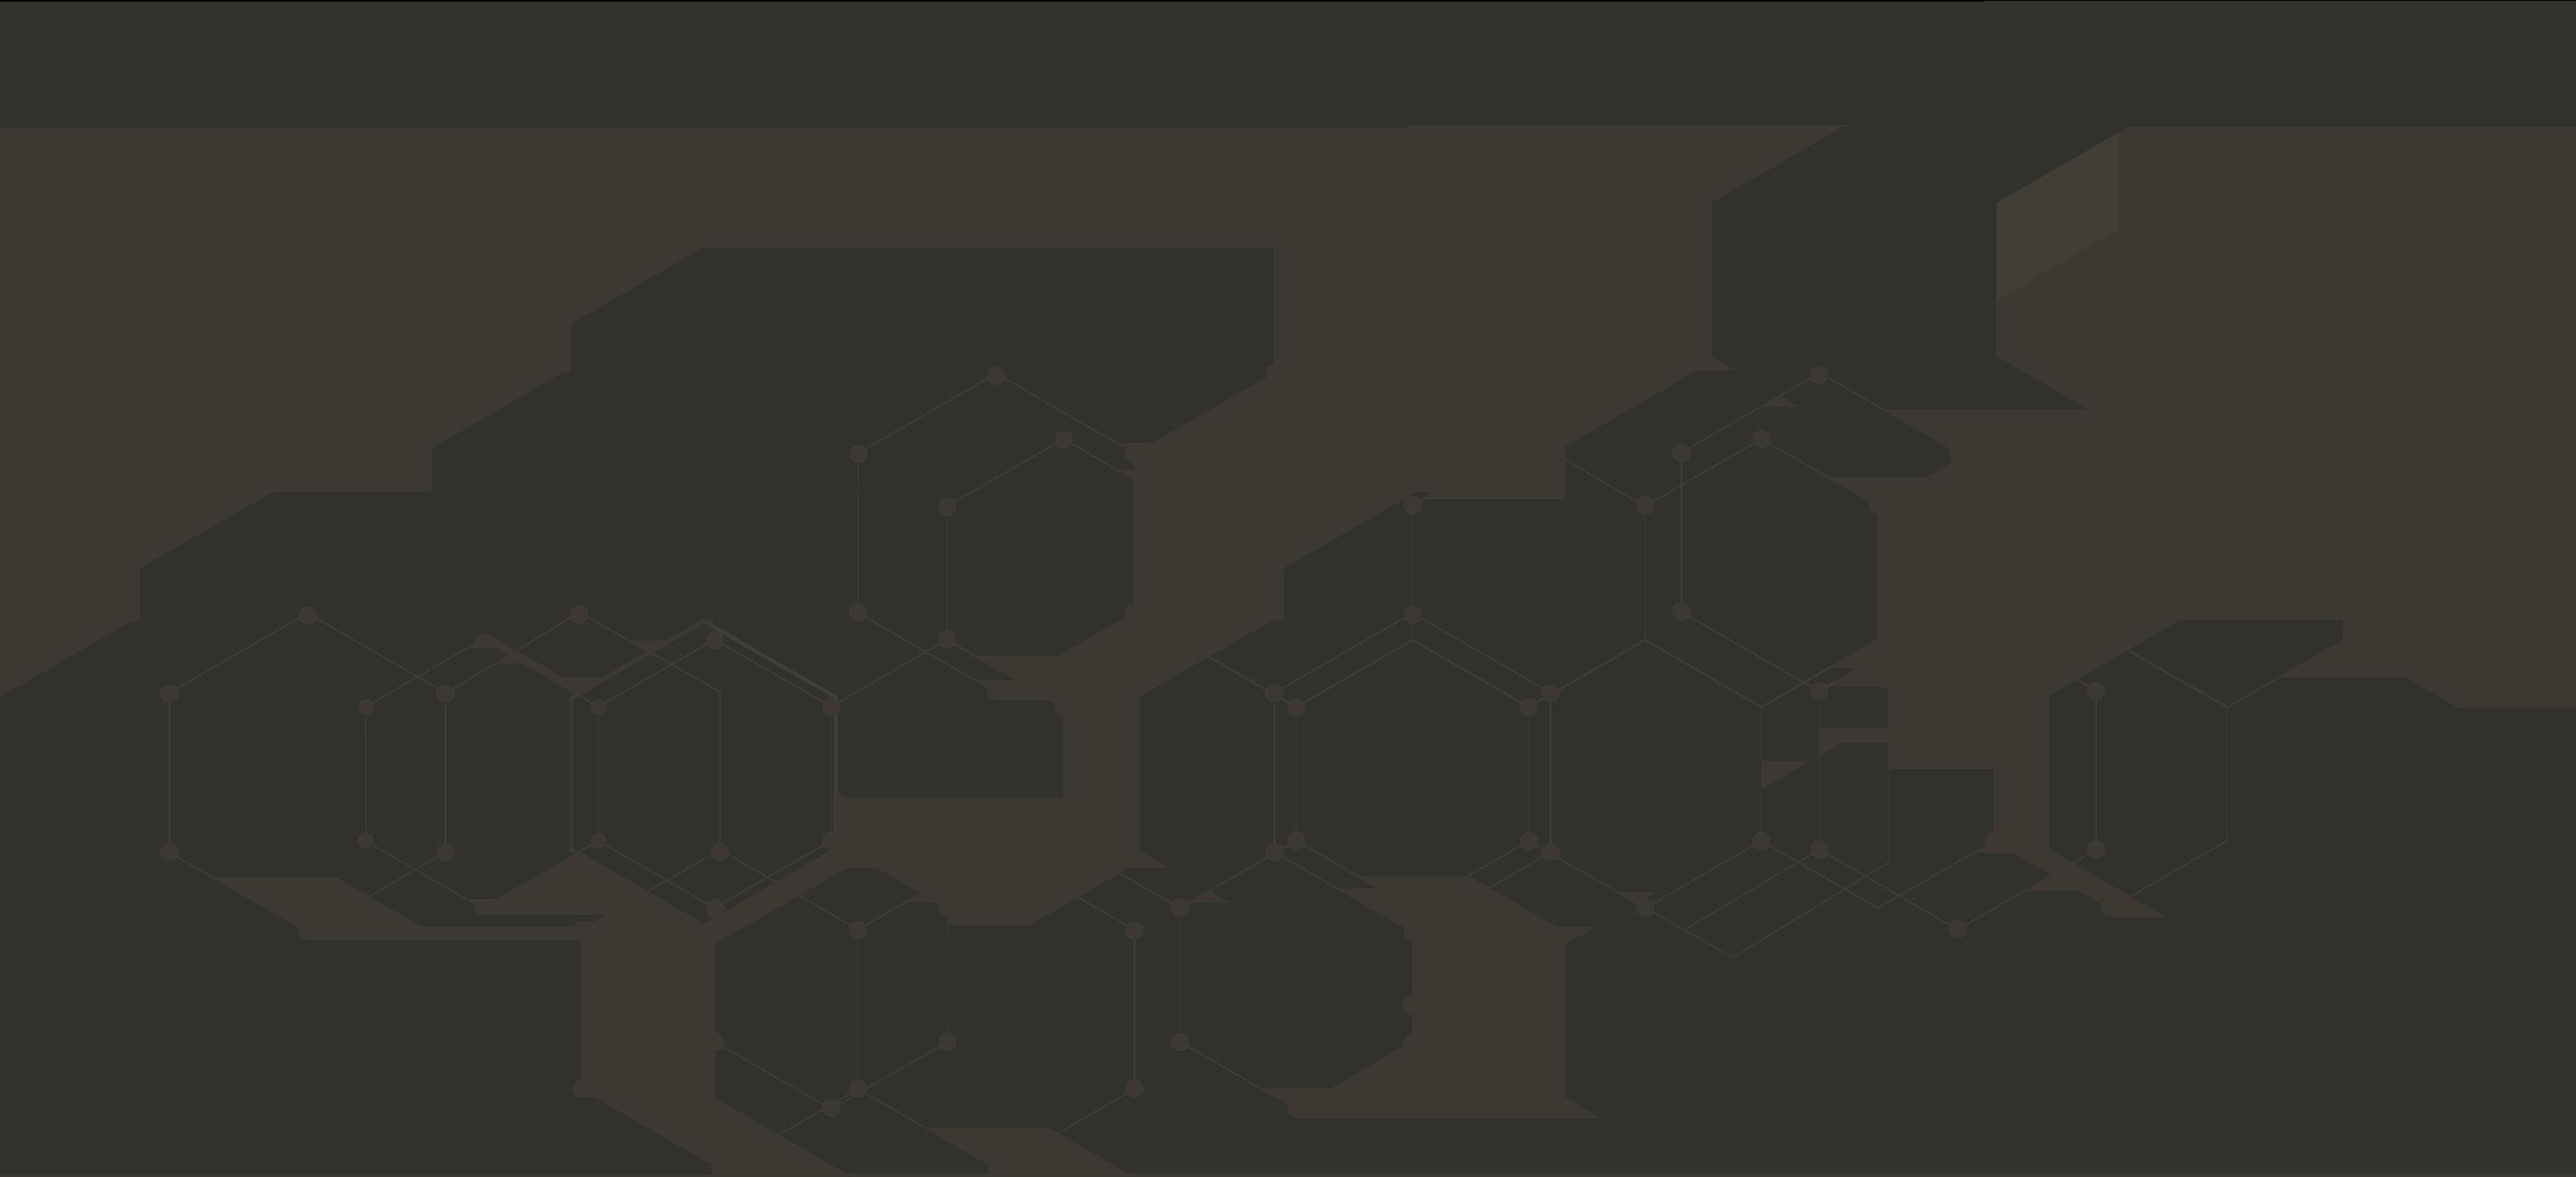 CI-Waben-etelligent-ohne-Hintergrund-grau